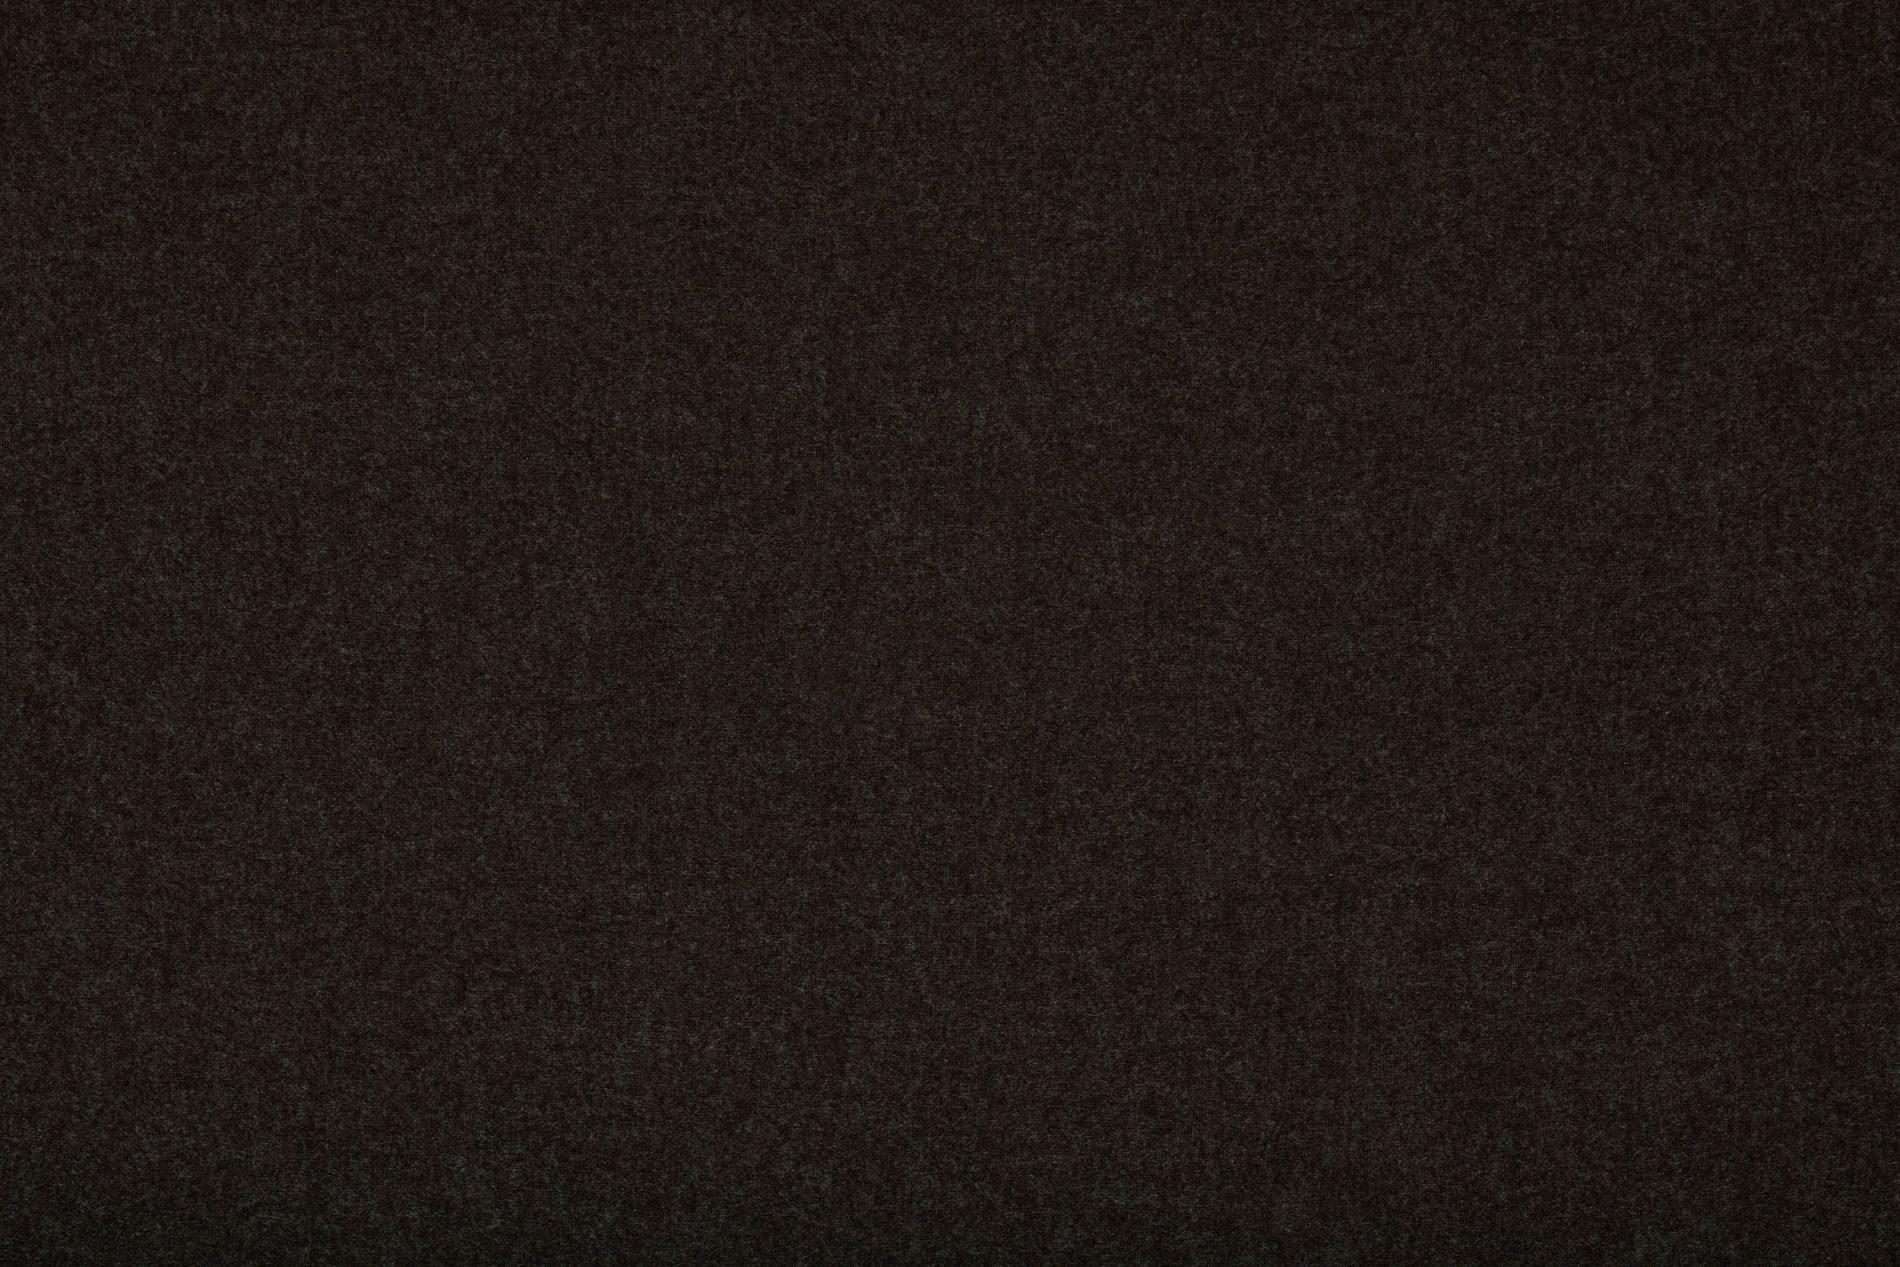 PURE 360 Plain Merino wool (19/5005)